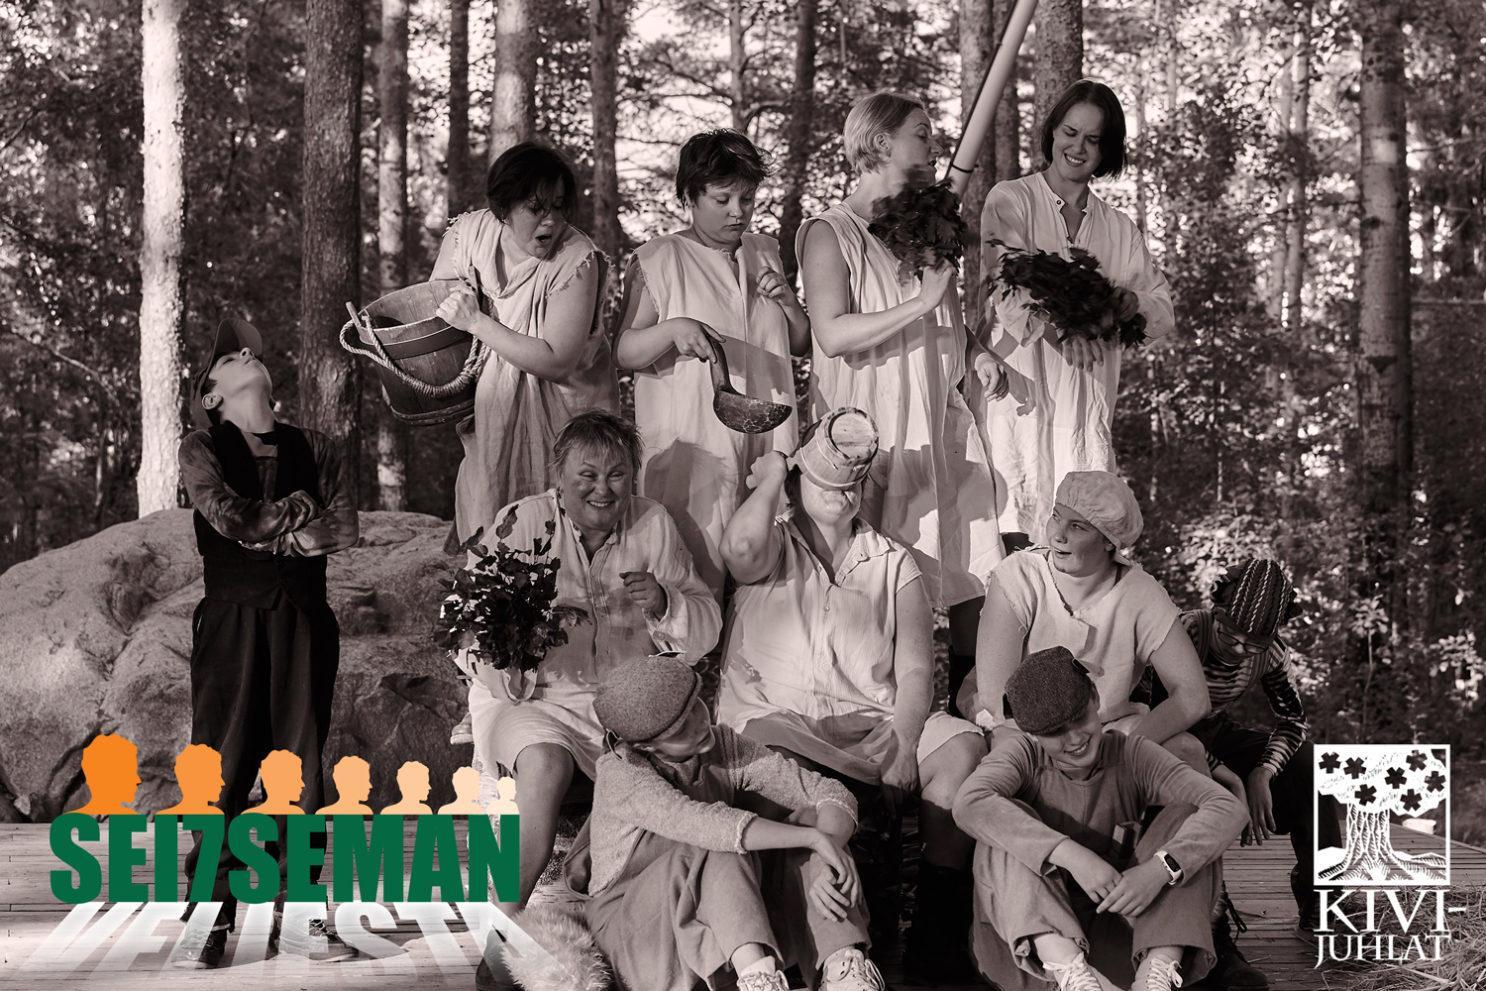 Kivi-juhlat: Seitsemän veljestä